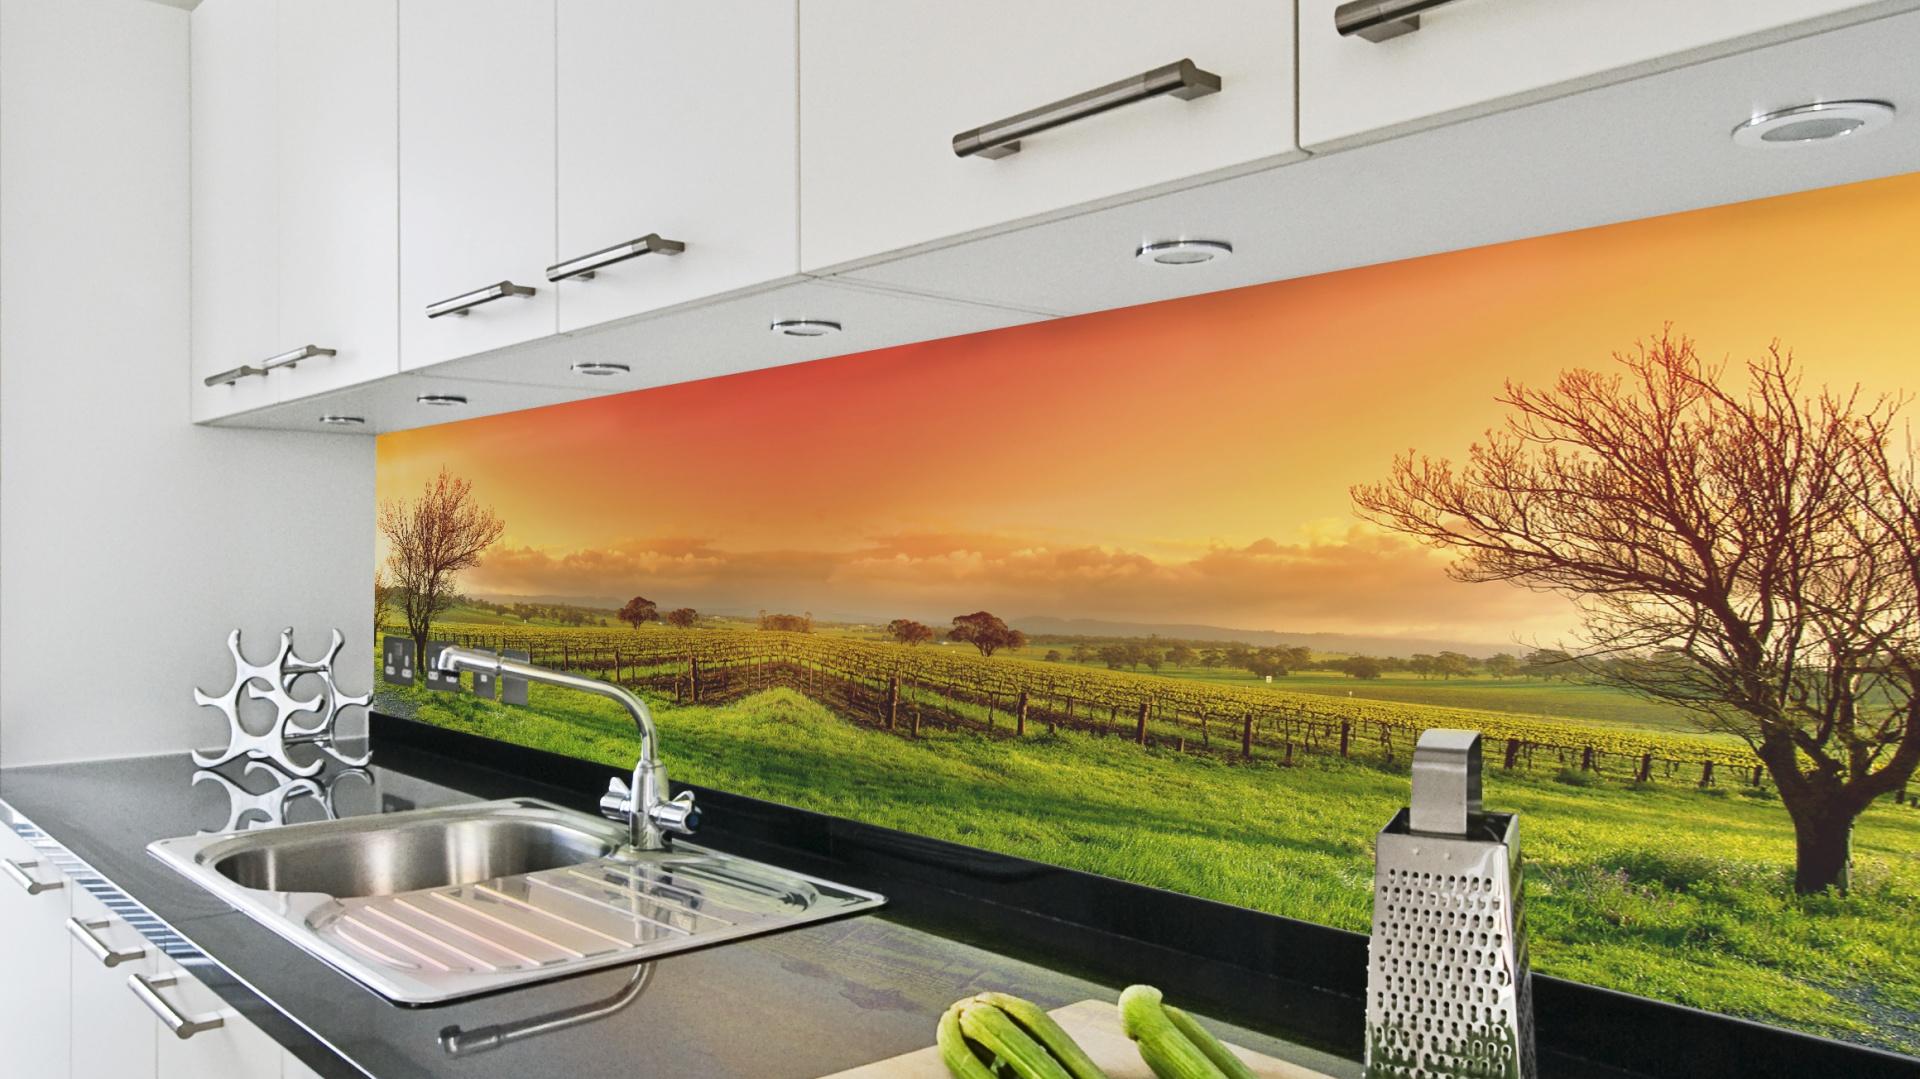 Soczyście zielona łąka, nad którą góruje pomarańczowe, wieczorne niebo, rozciąga się efektownie nad blatem kuchennym, wprowadzając akcent kolorystyczny do białej kuchni. Fot. DecoMania